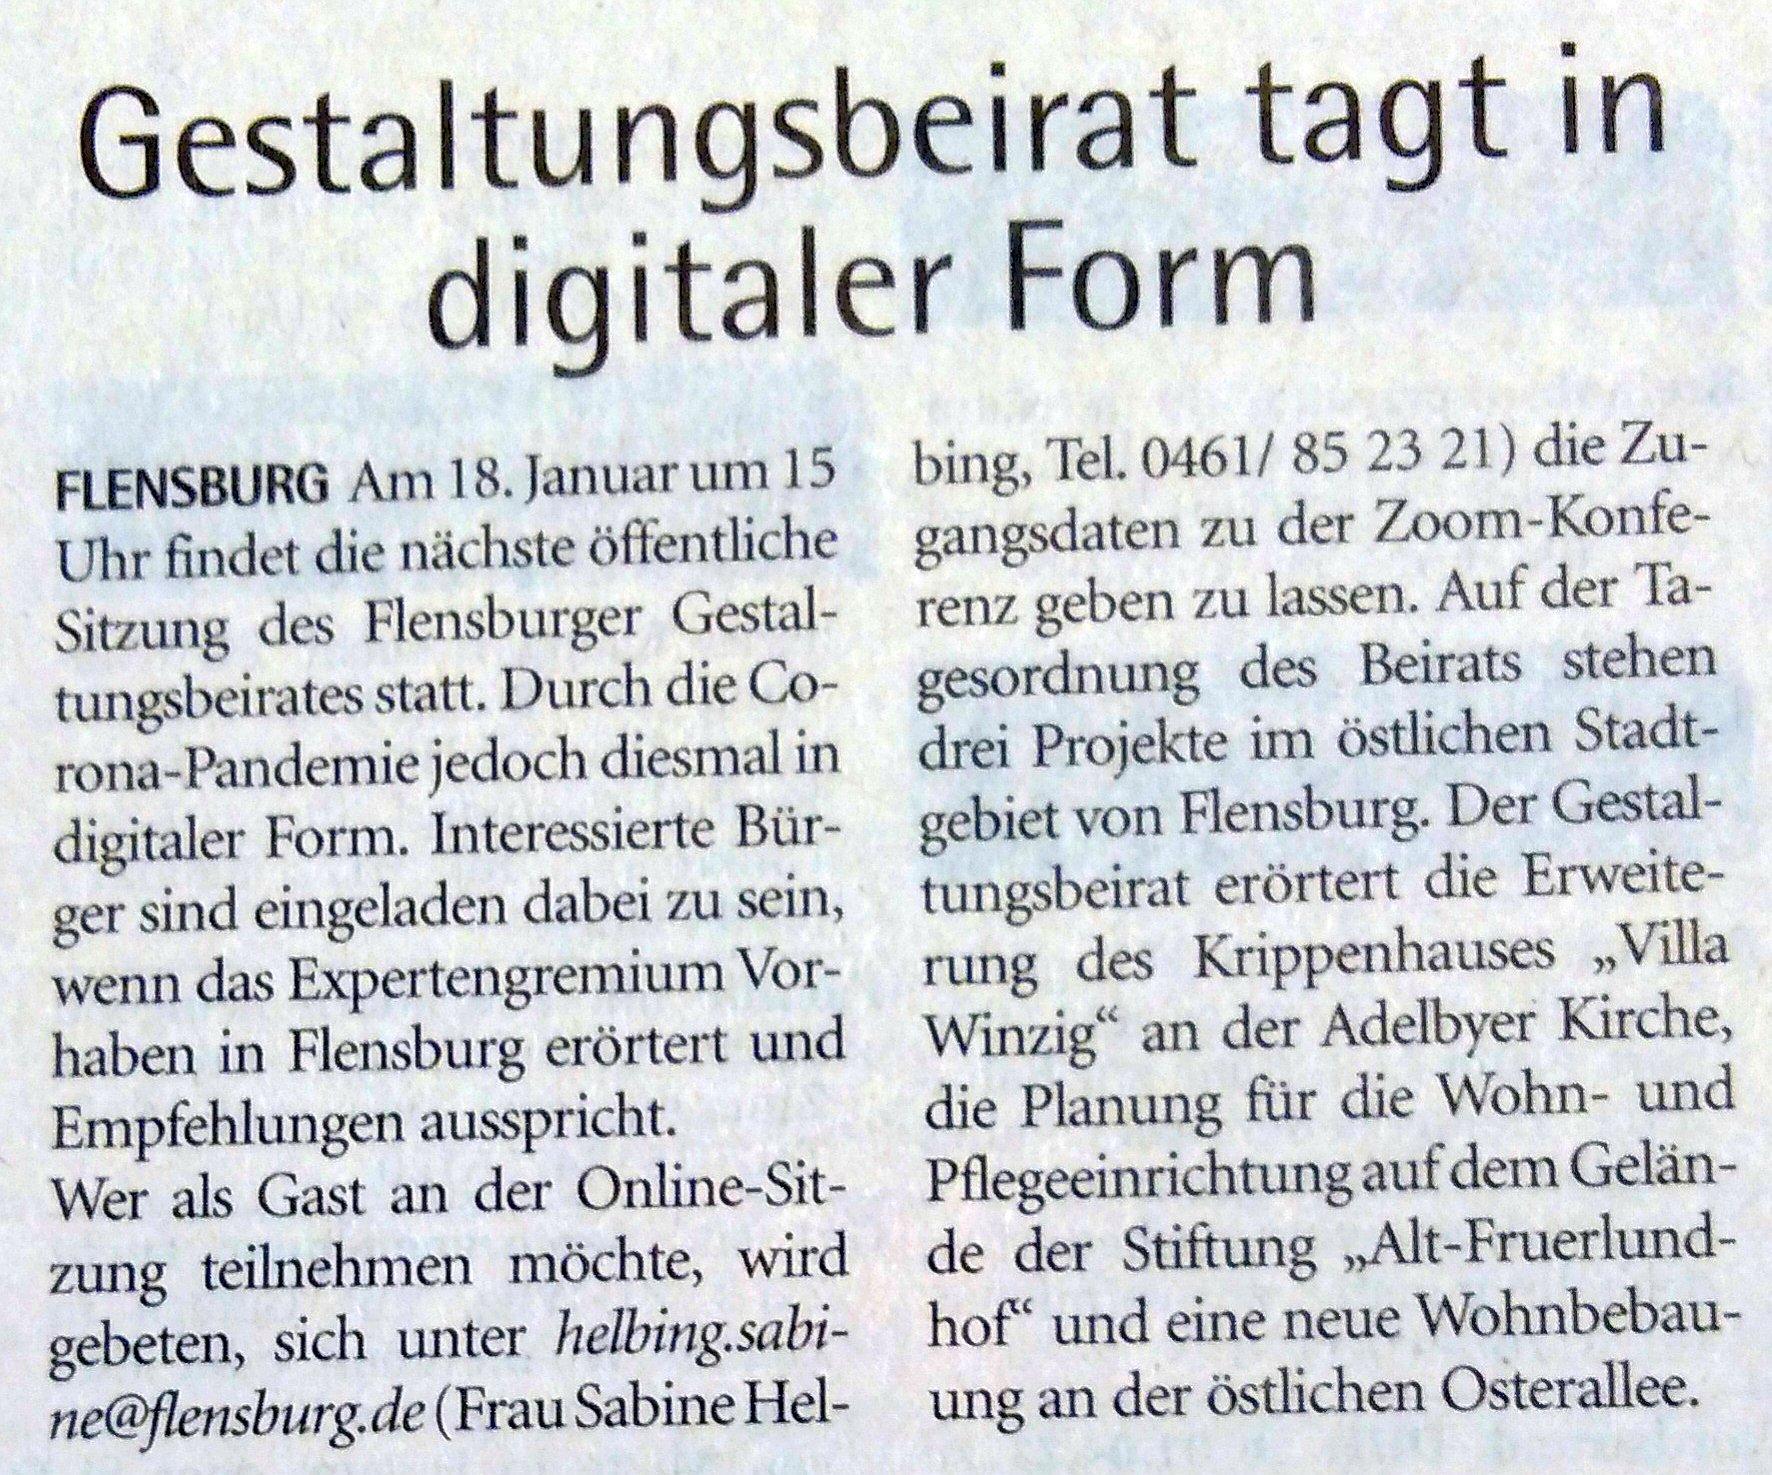 Artikel Wochenschau 17.01.2021 - Gestaltungsbeirat tagt in digitaler Form